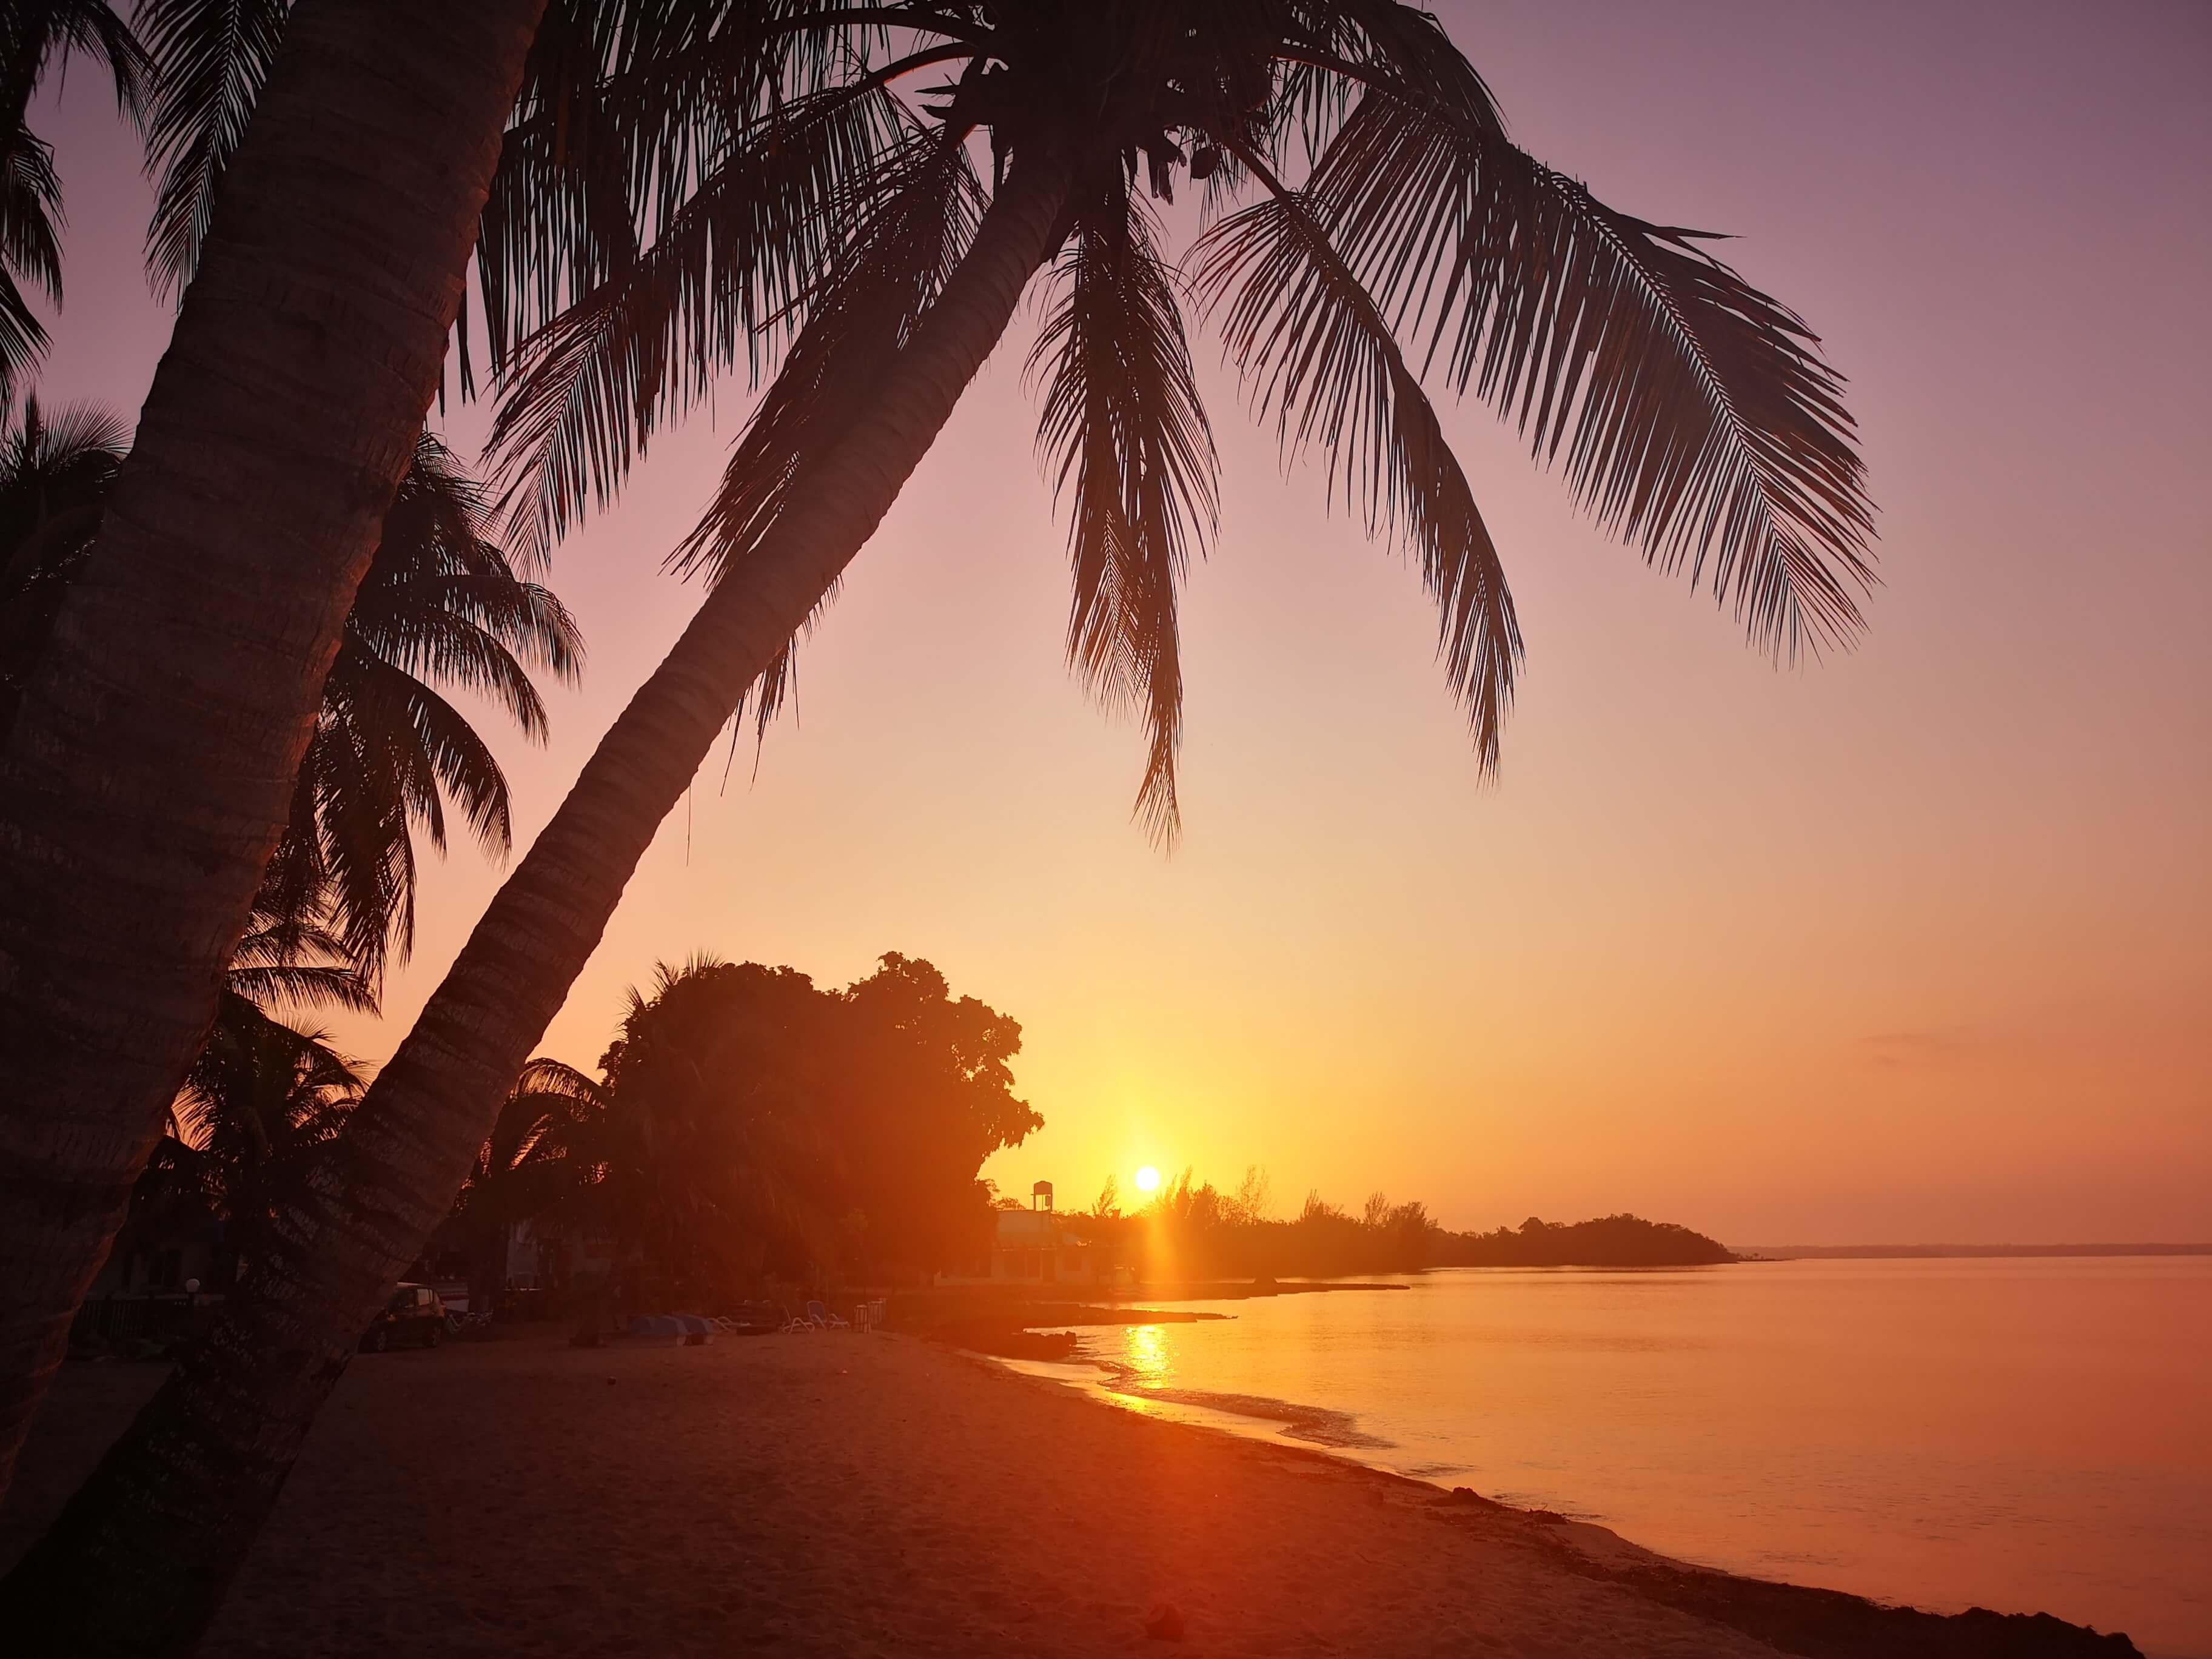 Grisebukta. Fantastiske solnedganger